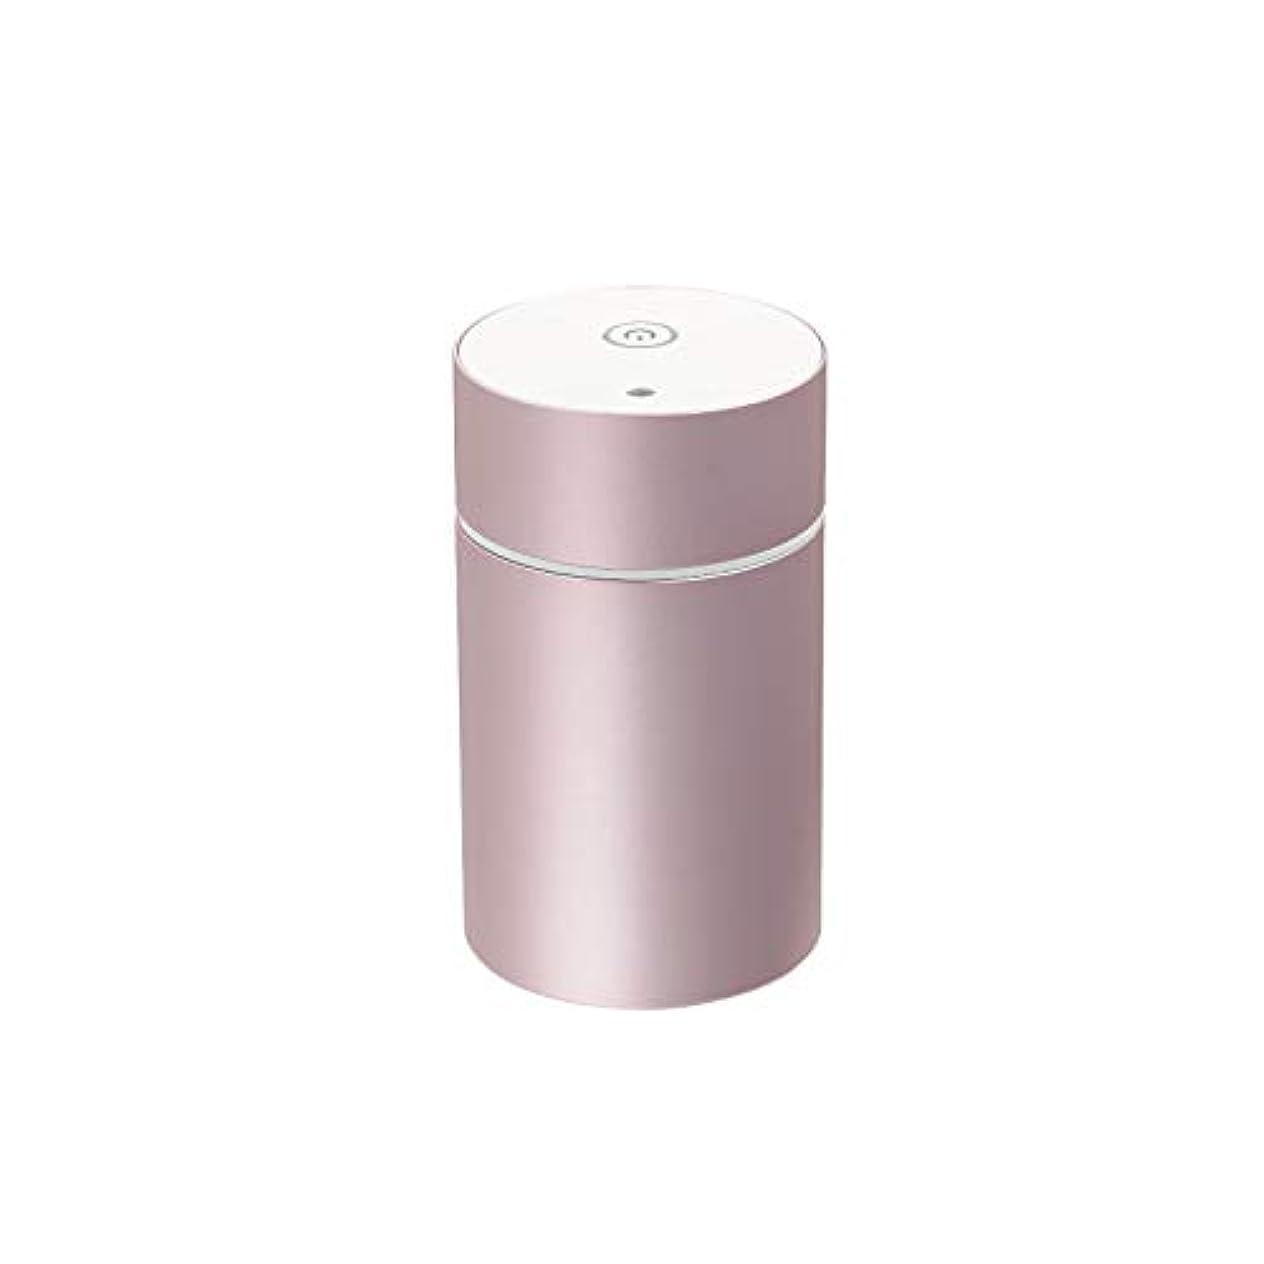 メッシュ眠り尽きる生活の木 アロマディフューザー(ピンク)aromore mini(アロモアミニ) 08-801-7020